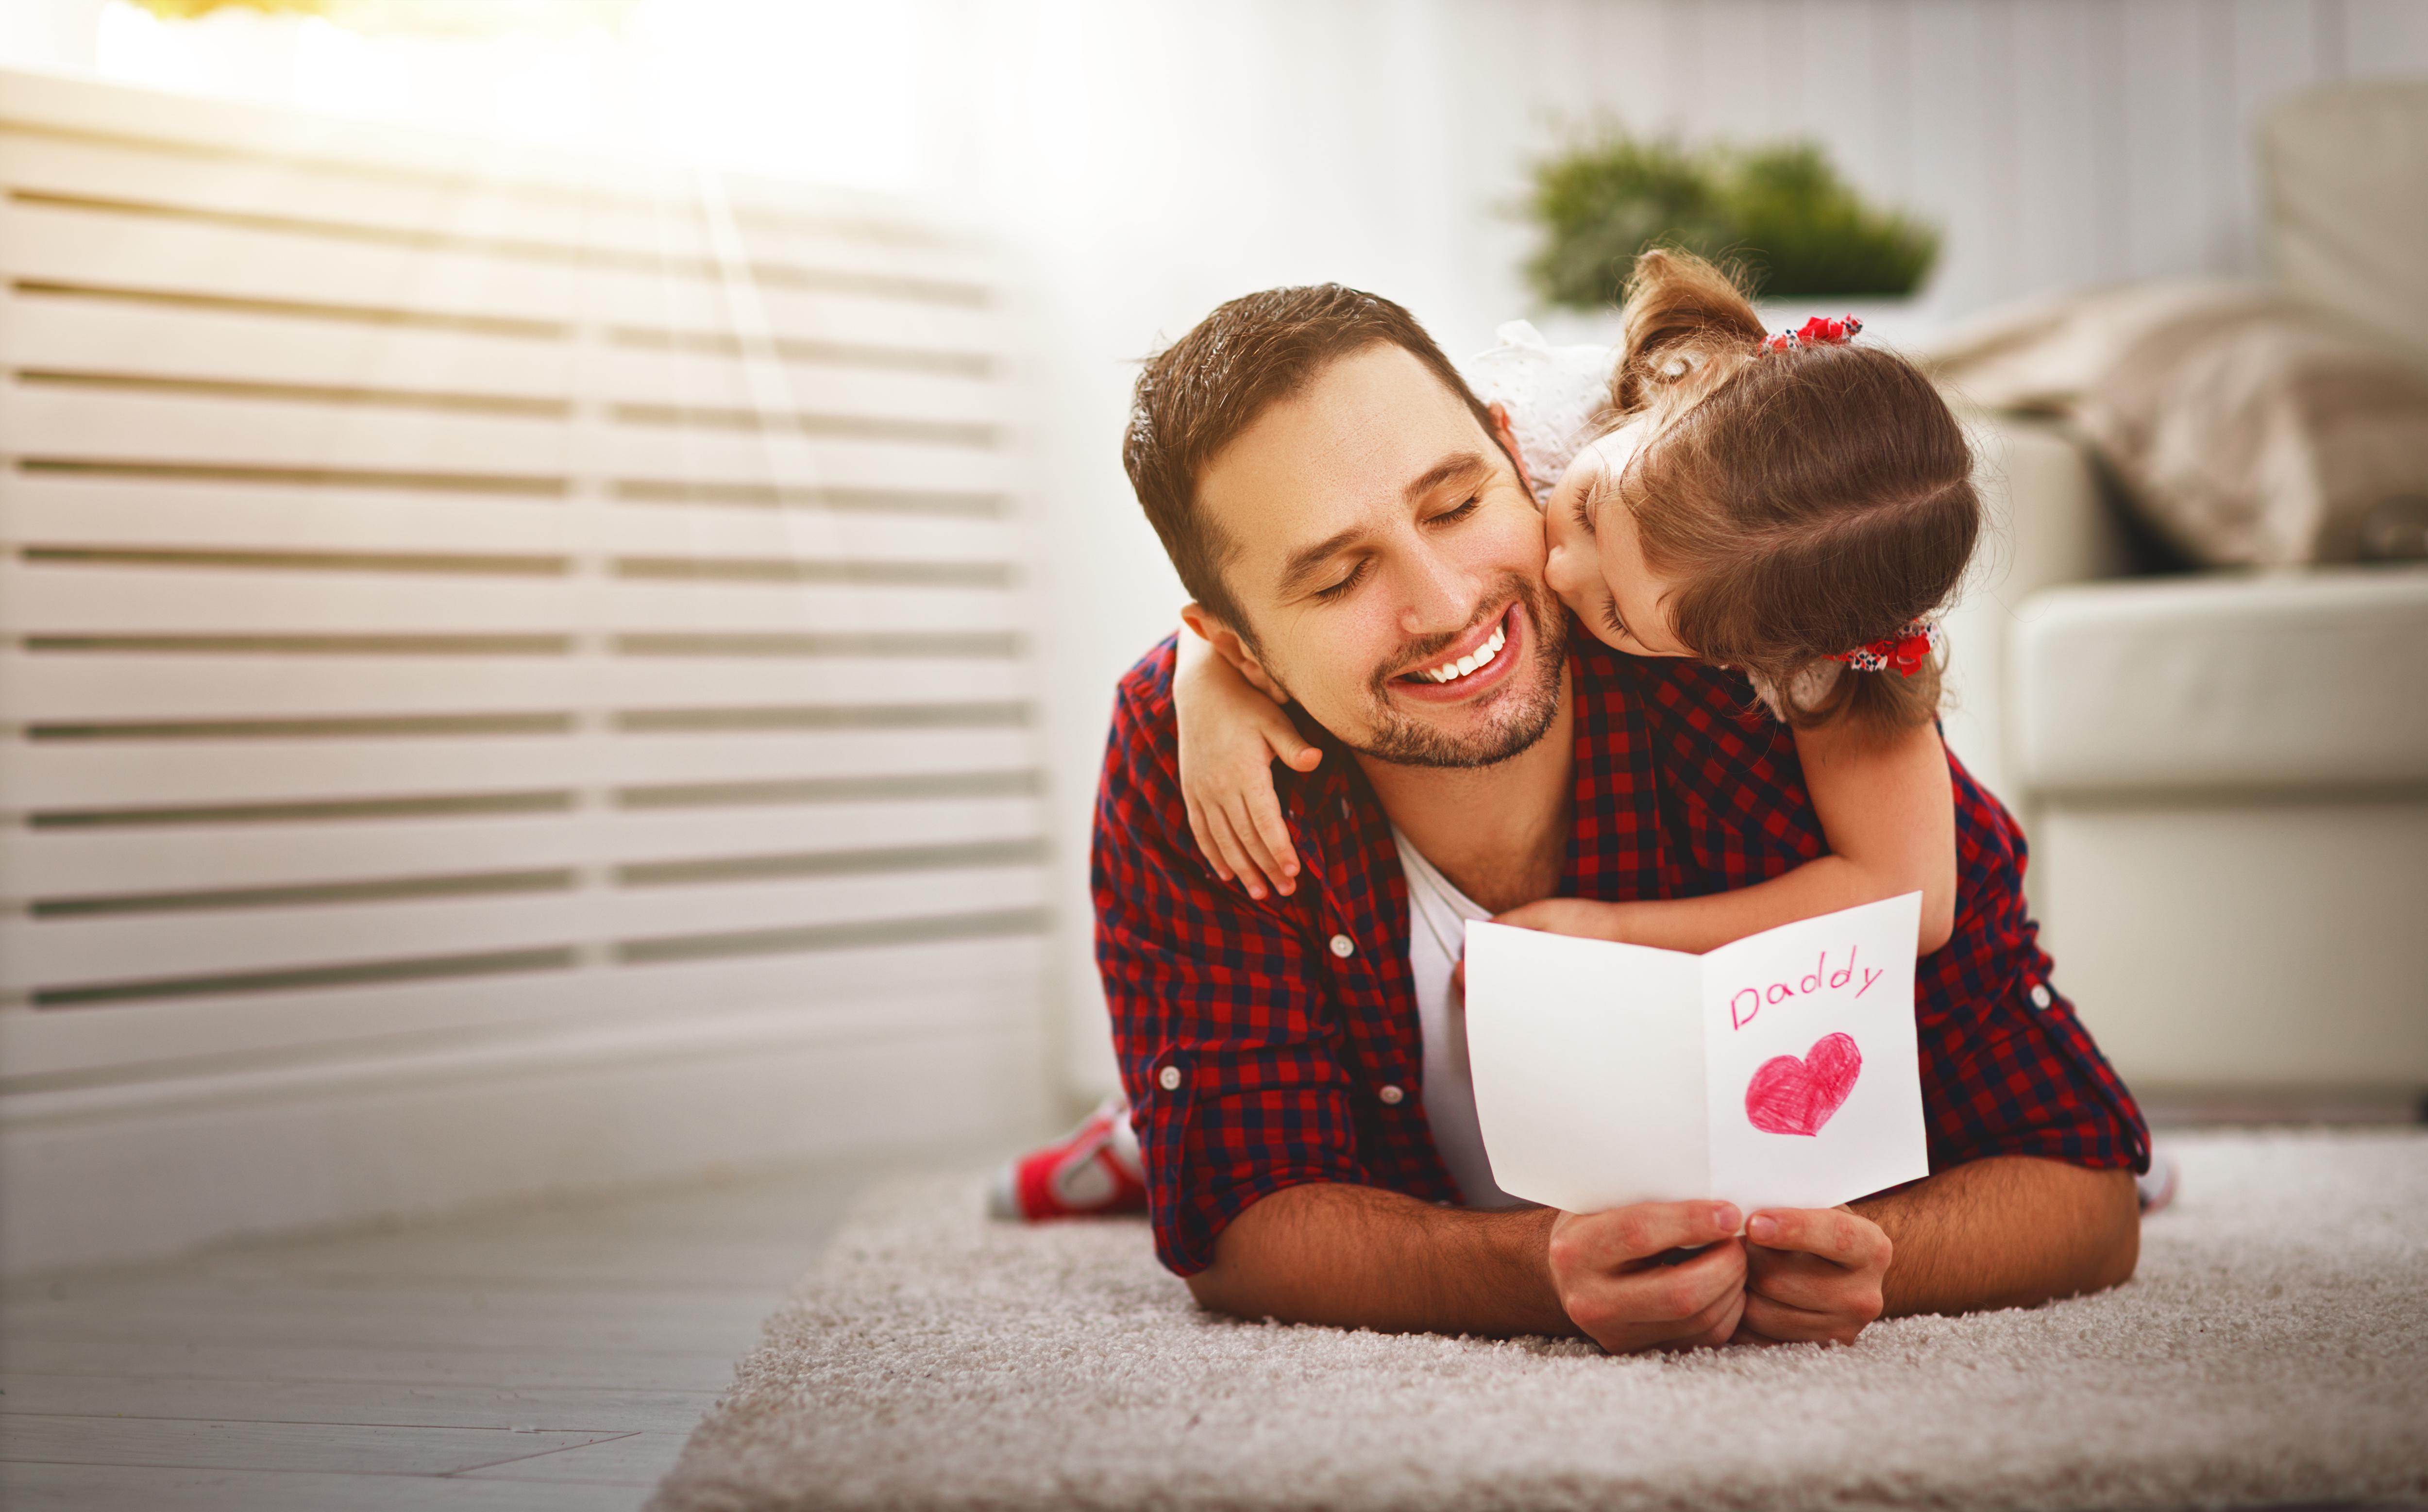 varseltegn på datingdating nettsteder i Tyrkia